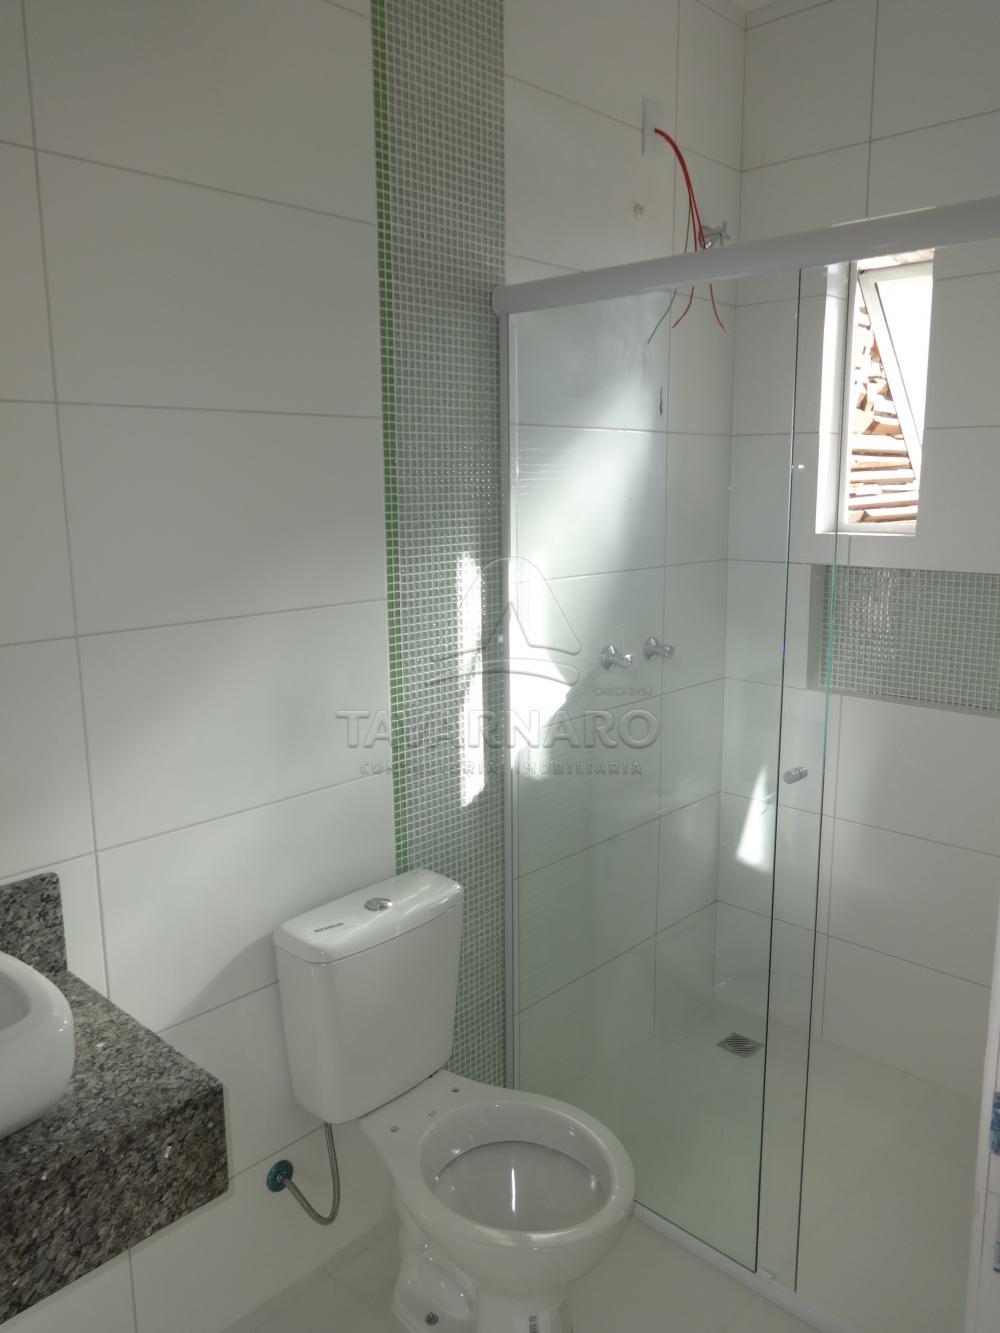 Alugar Casa / Sobrado em Ponta Grossa apenas R$ 2.100,00 - Foto 28